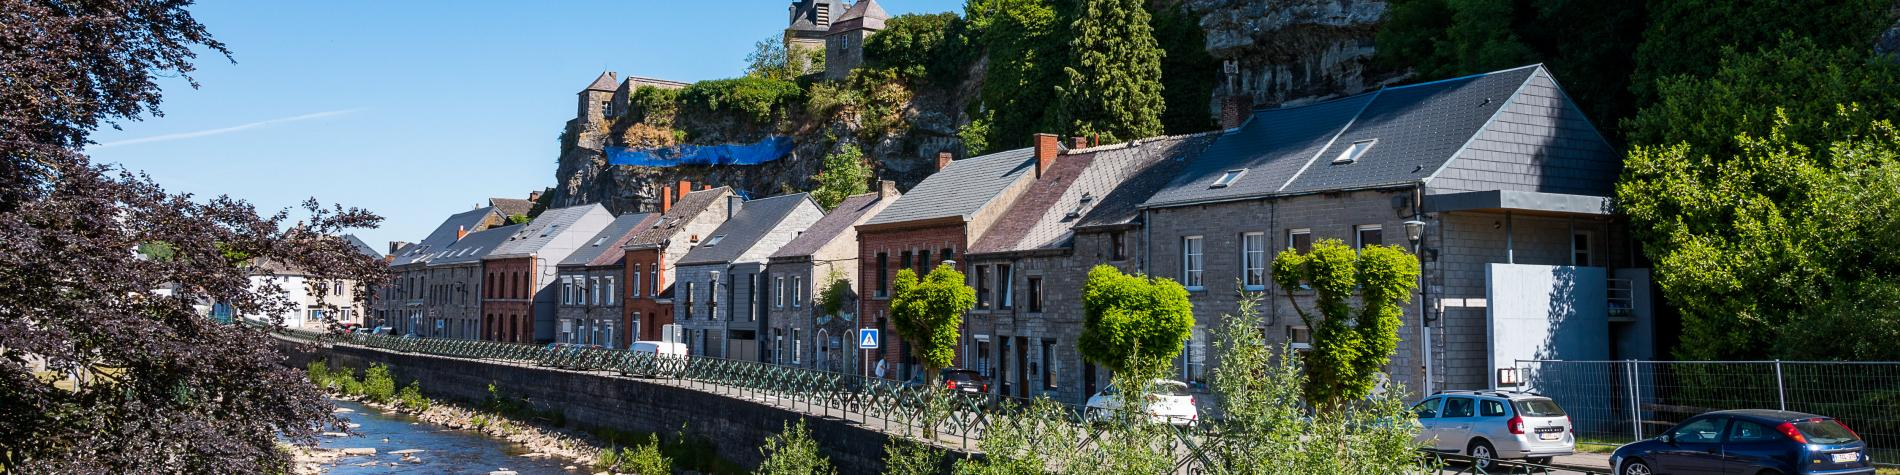 Office de Tourisme - Couvin - Province de Namur - Wallonie Terre d'Eau - Wallonie Nature